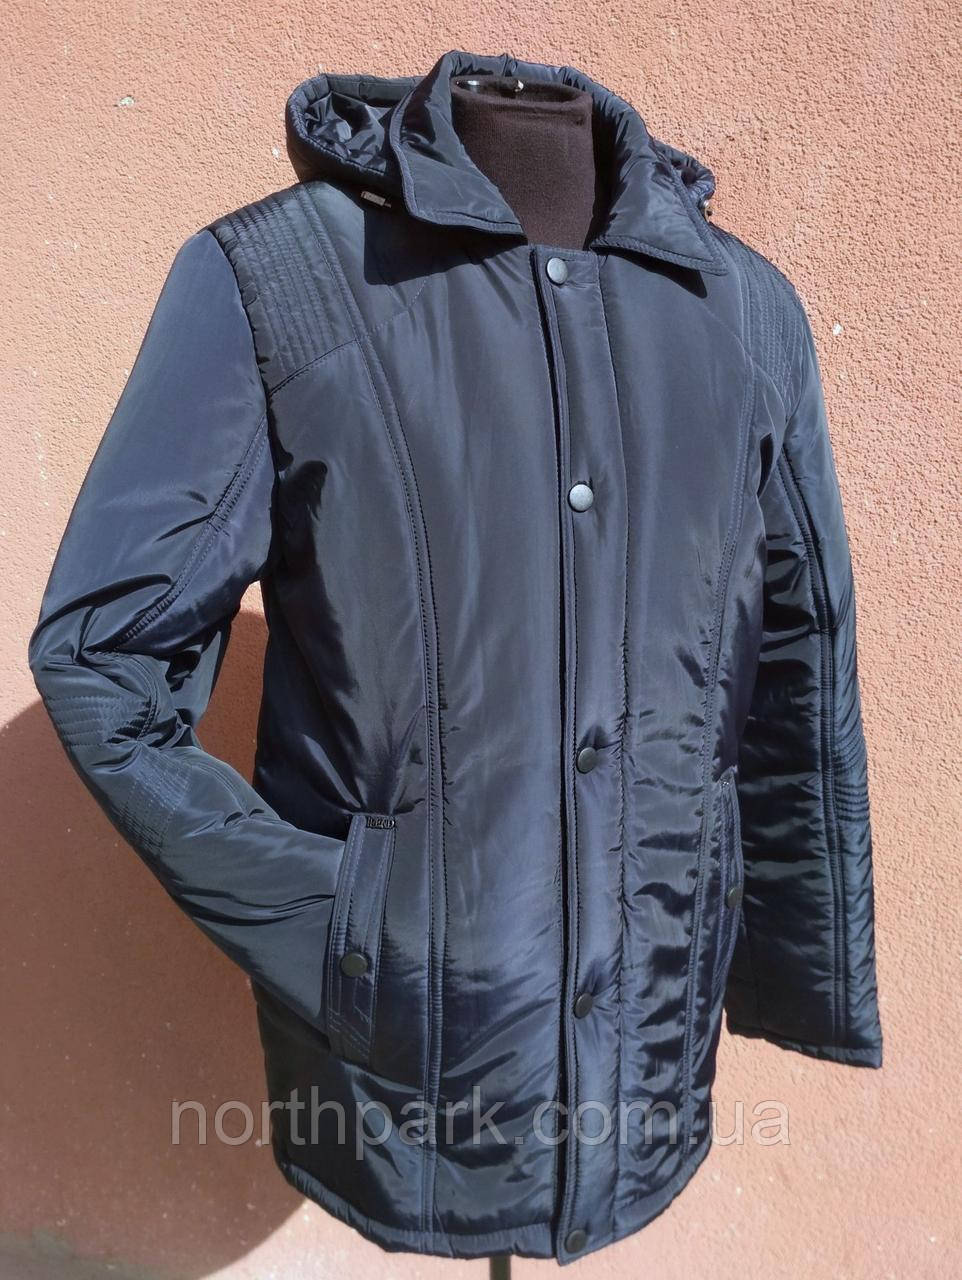 Изысканная мужская зимняя куртка с отложным воротником, темно-синяя